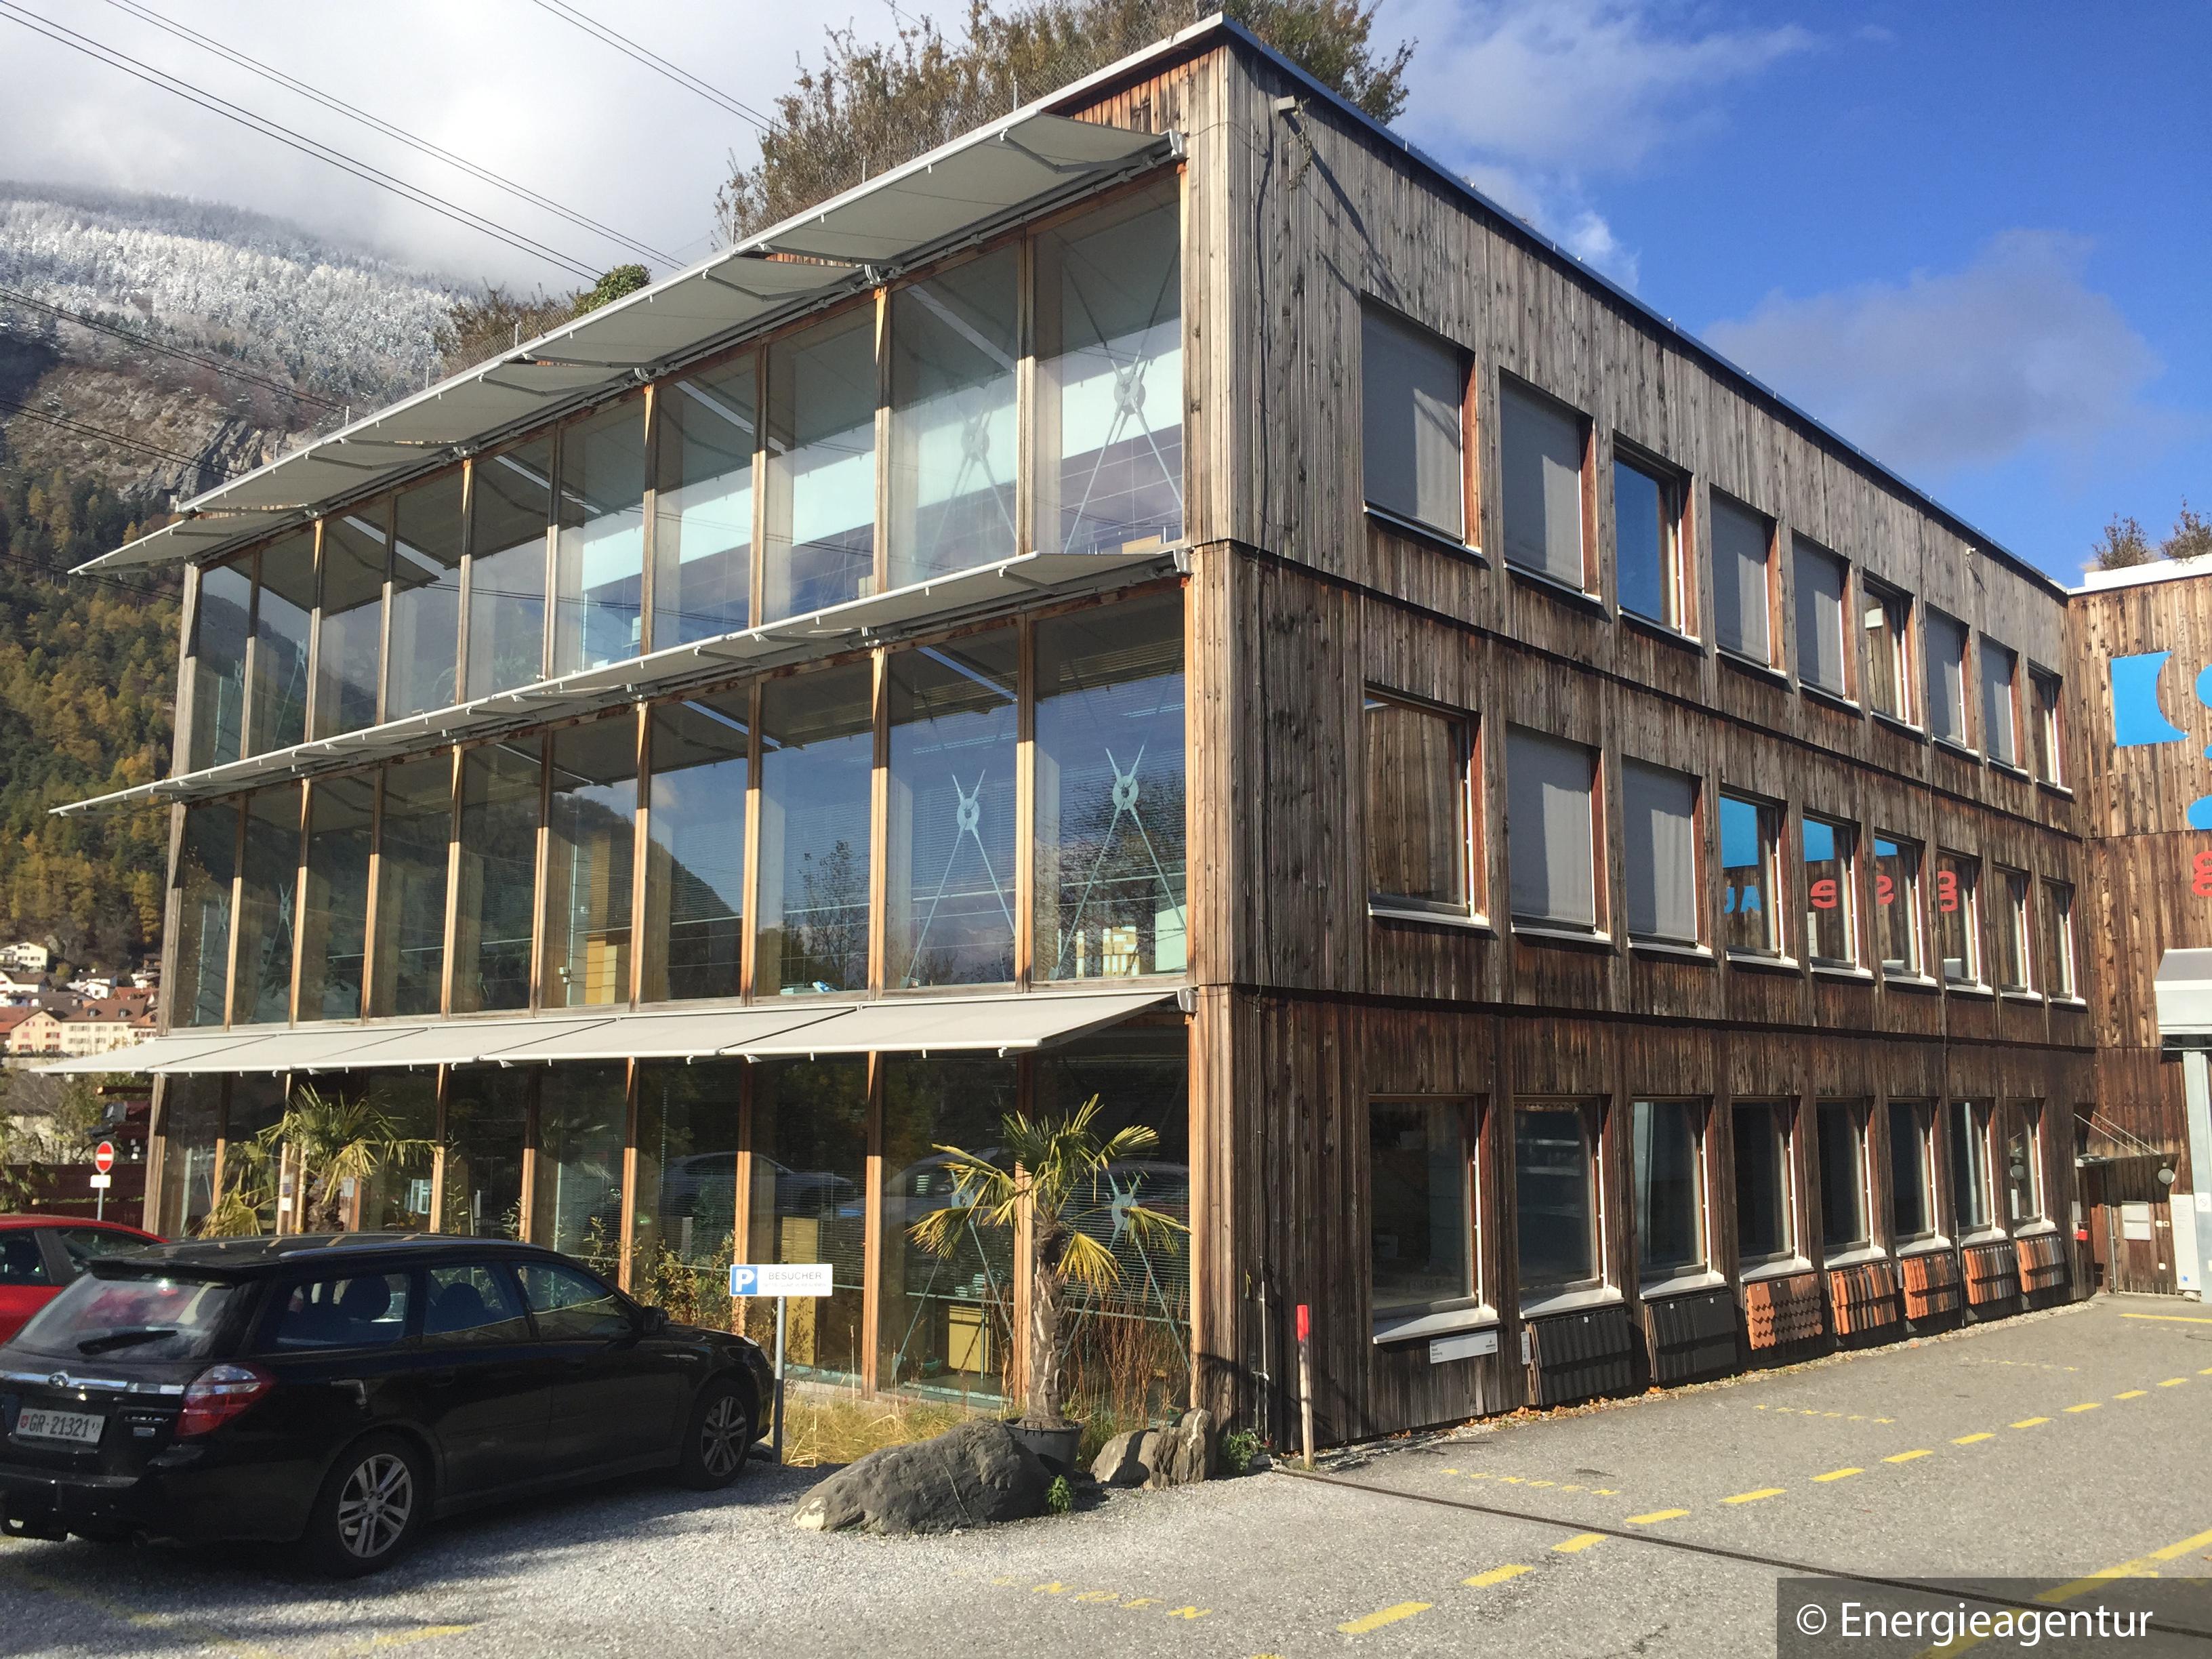 Konzepte für energieeffiziente, klimaverträgliche «LOW TECH»-Gebäude